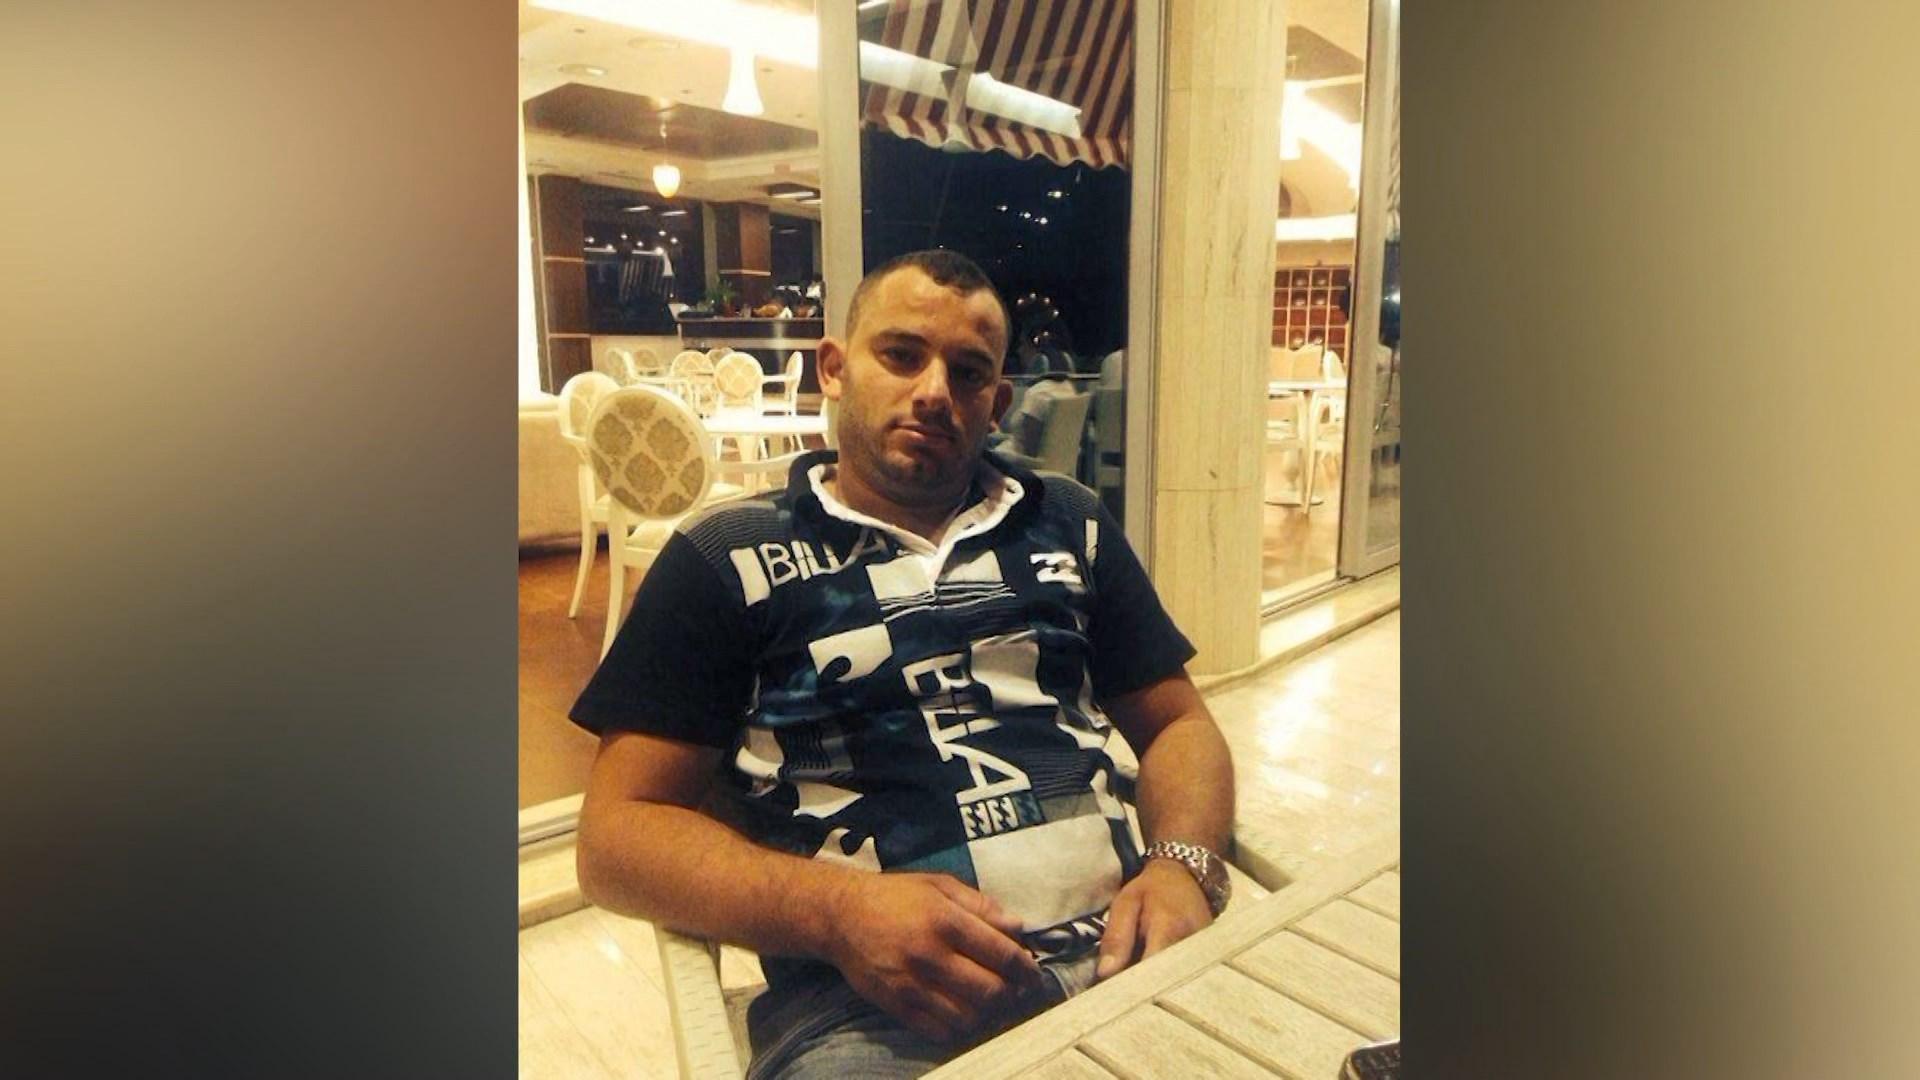 Atentat mafioz biznesmenit të kafesë në Vlorë